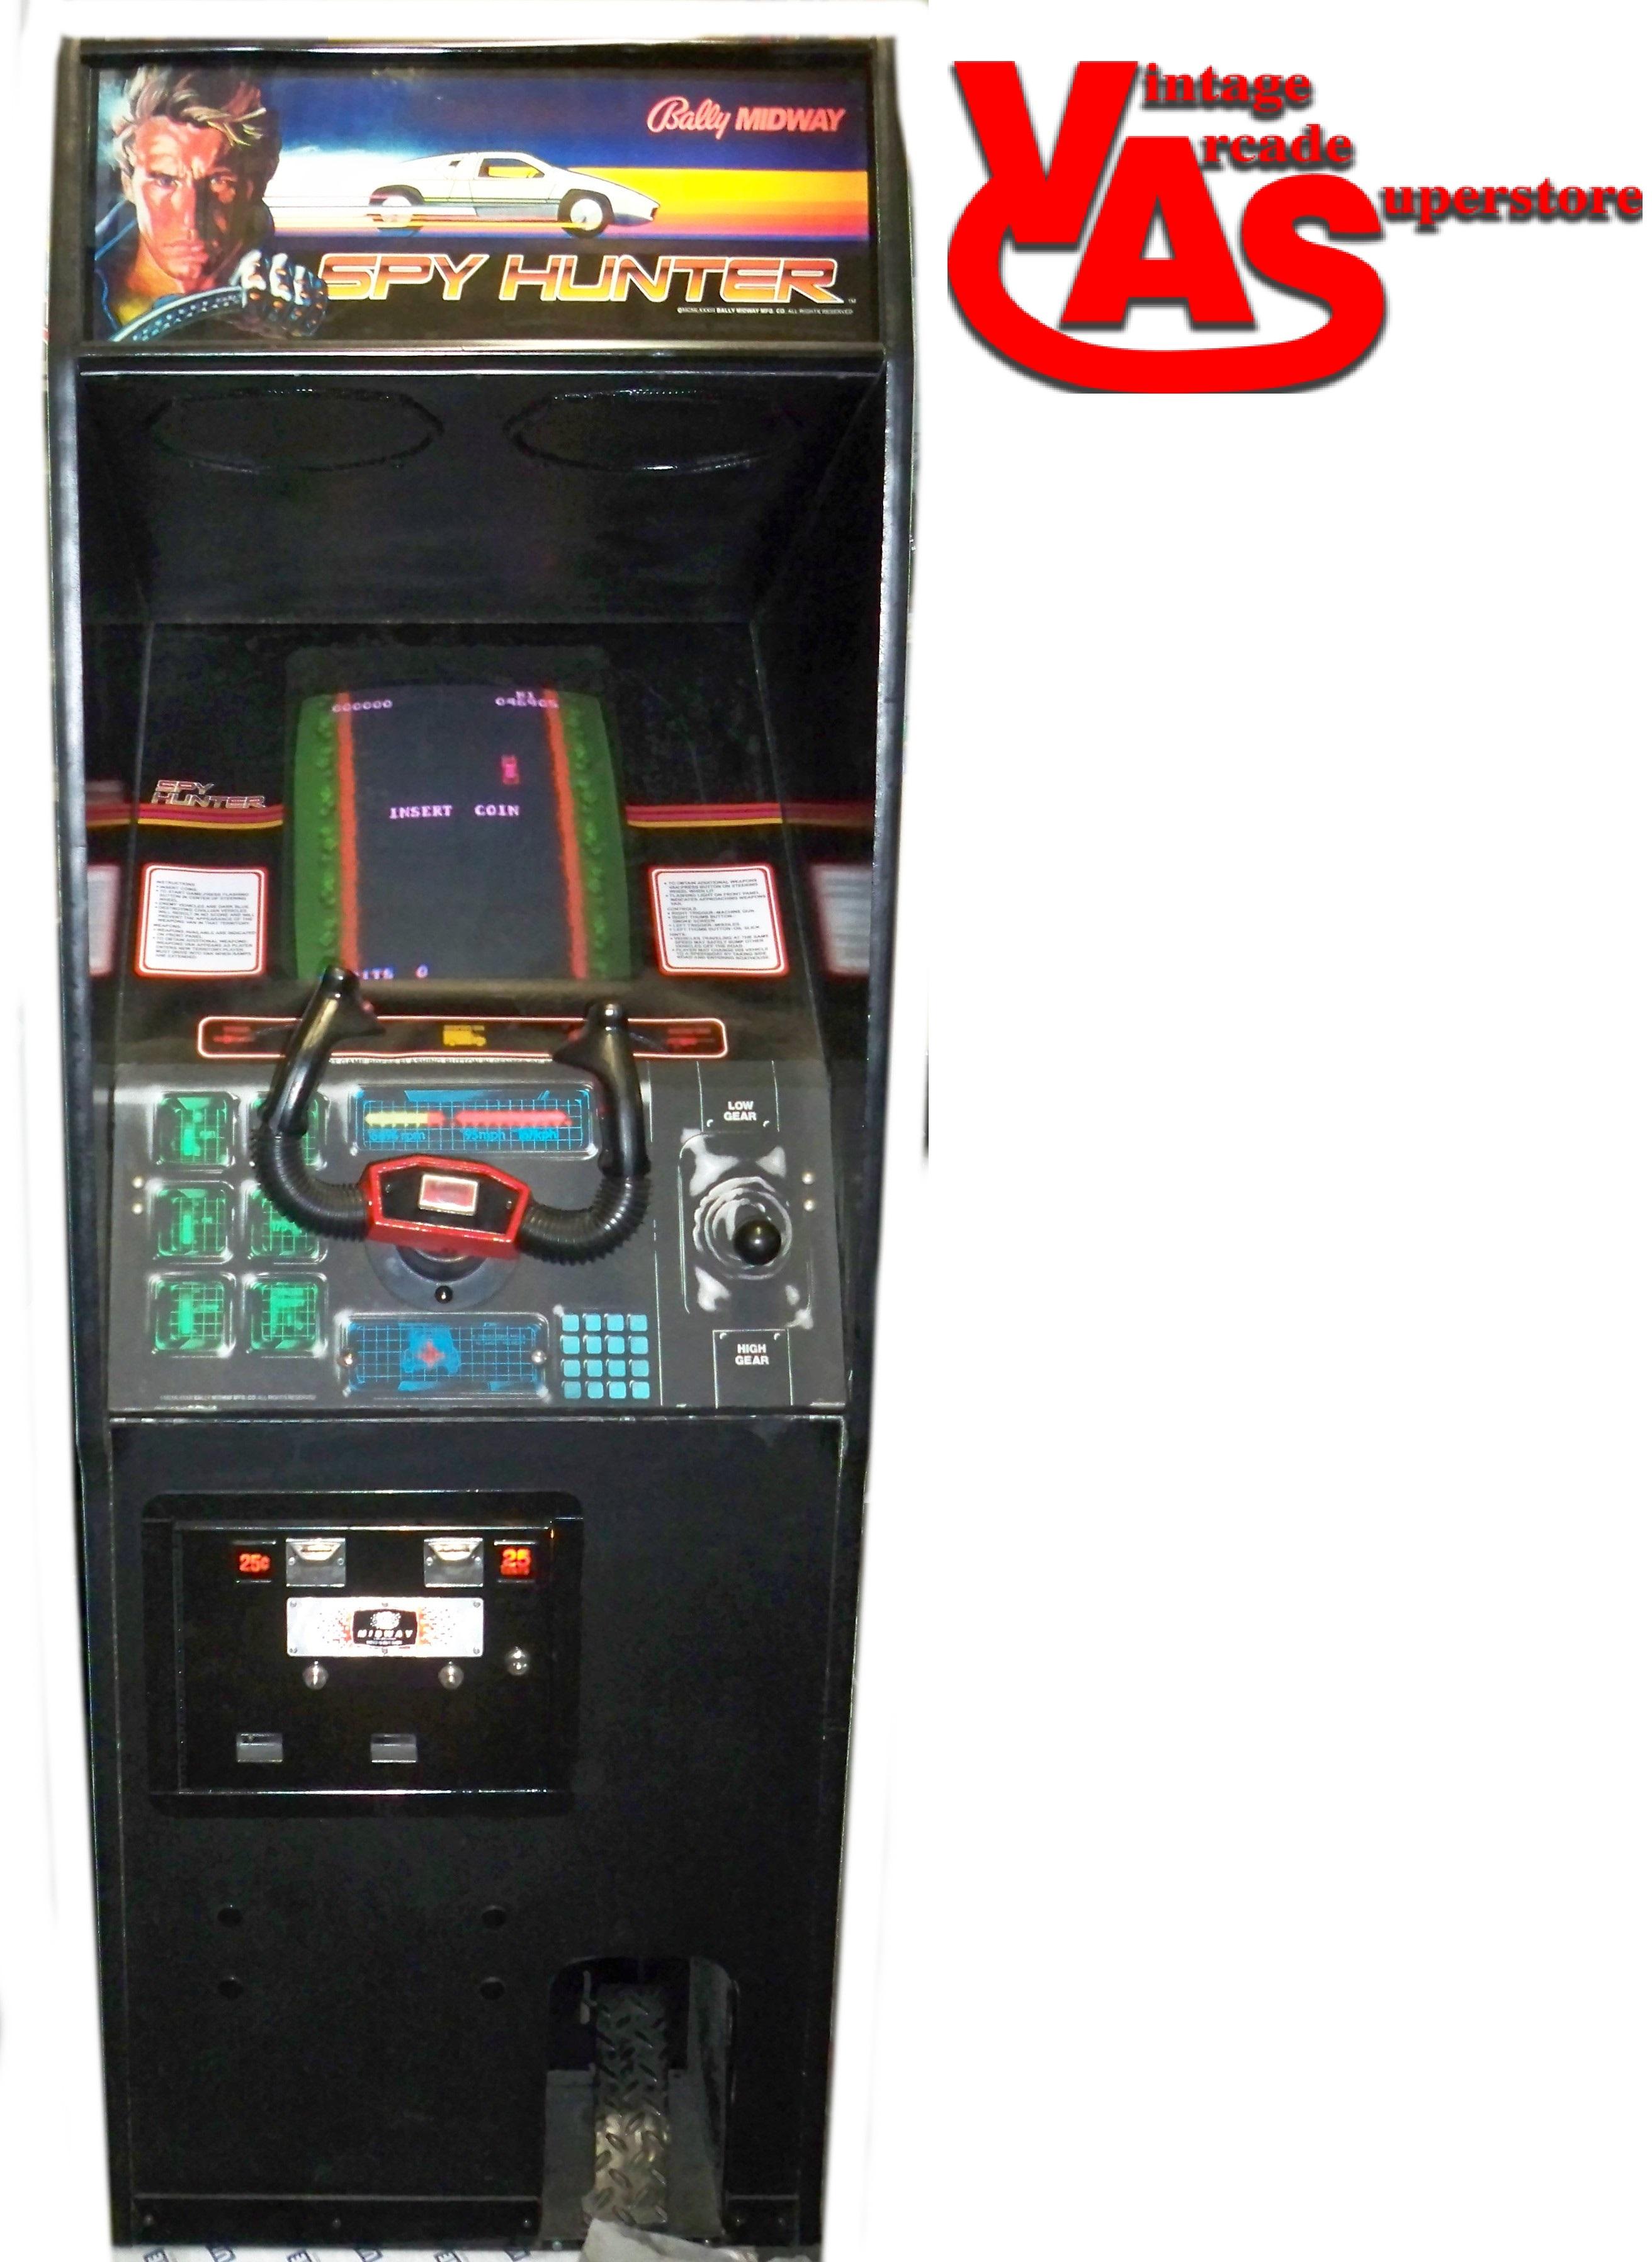 oil company casino games